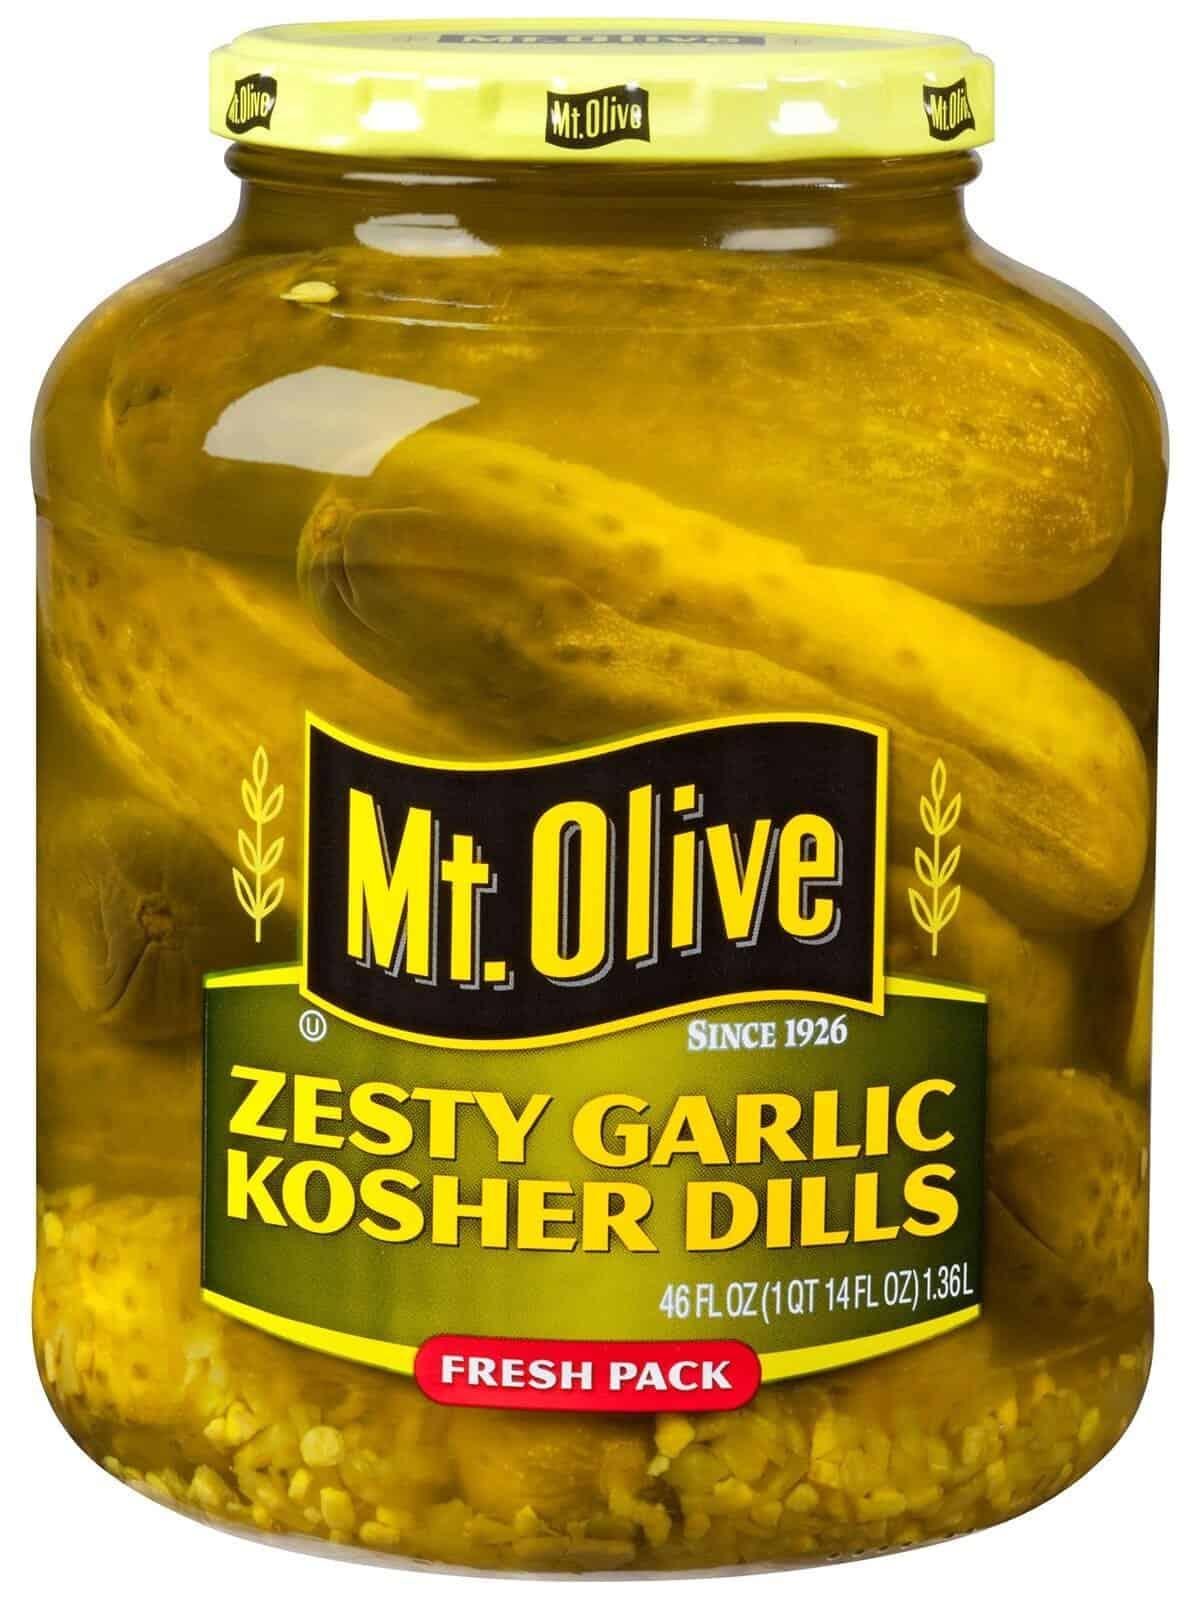 Zesty Garlic Kosher Dills